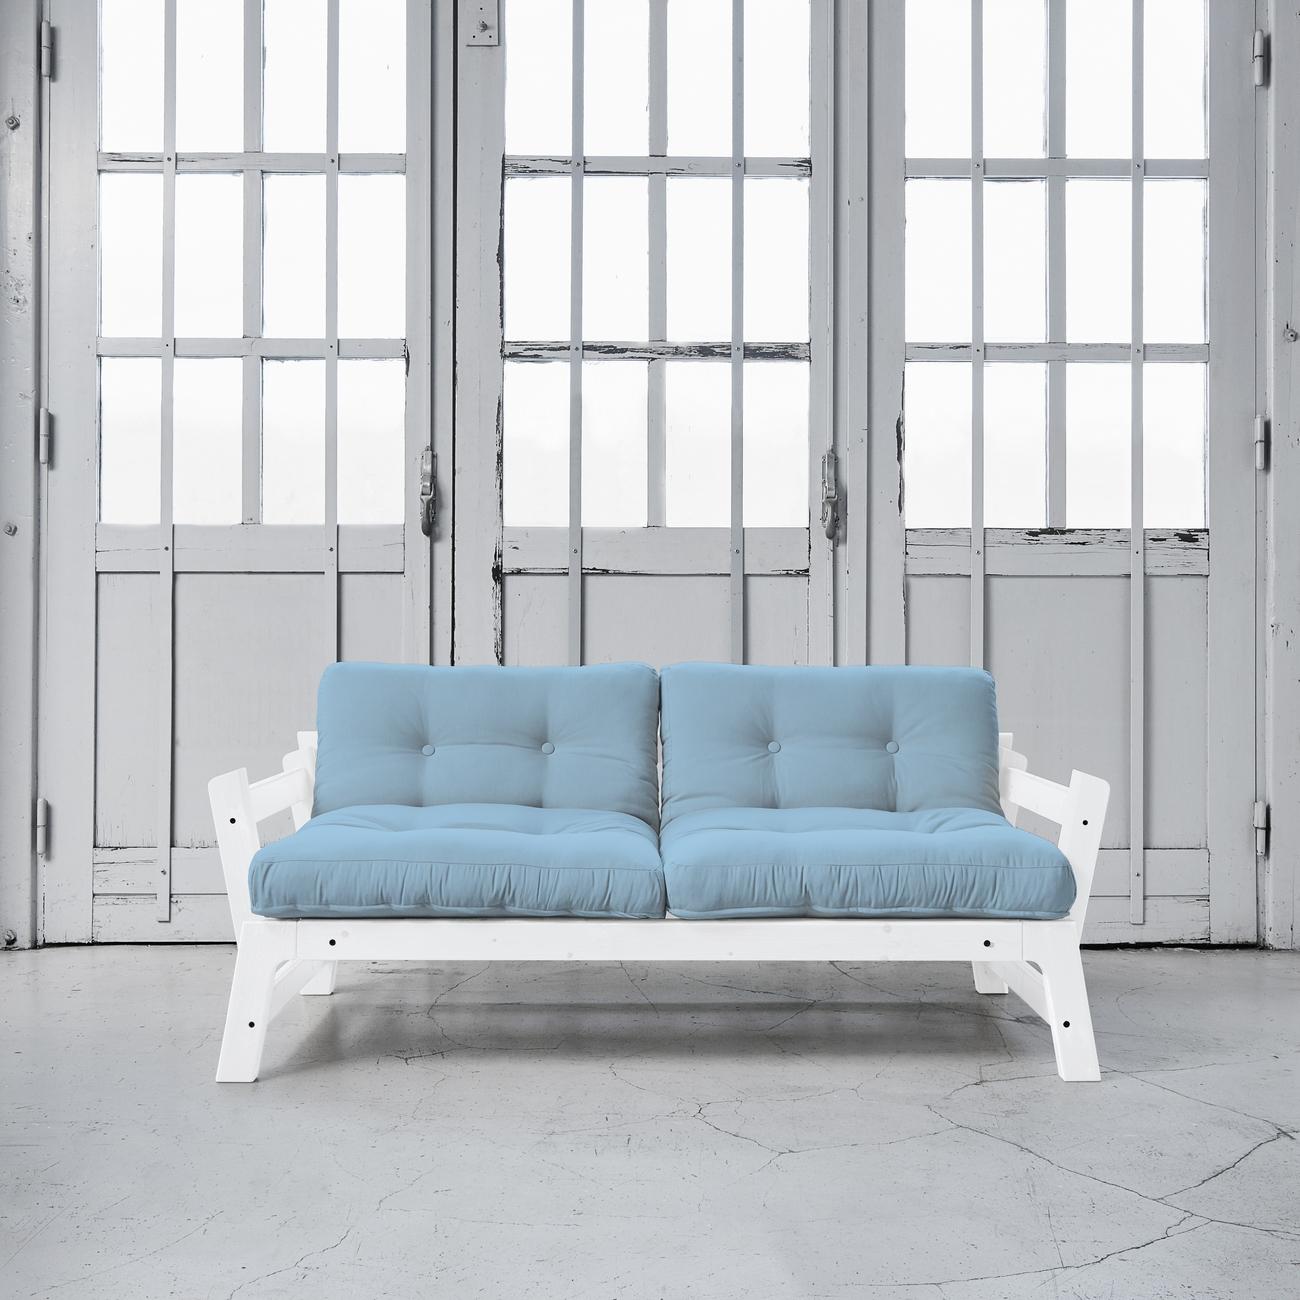 Canapea Extensibila Alb Albastru